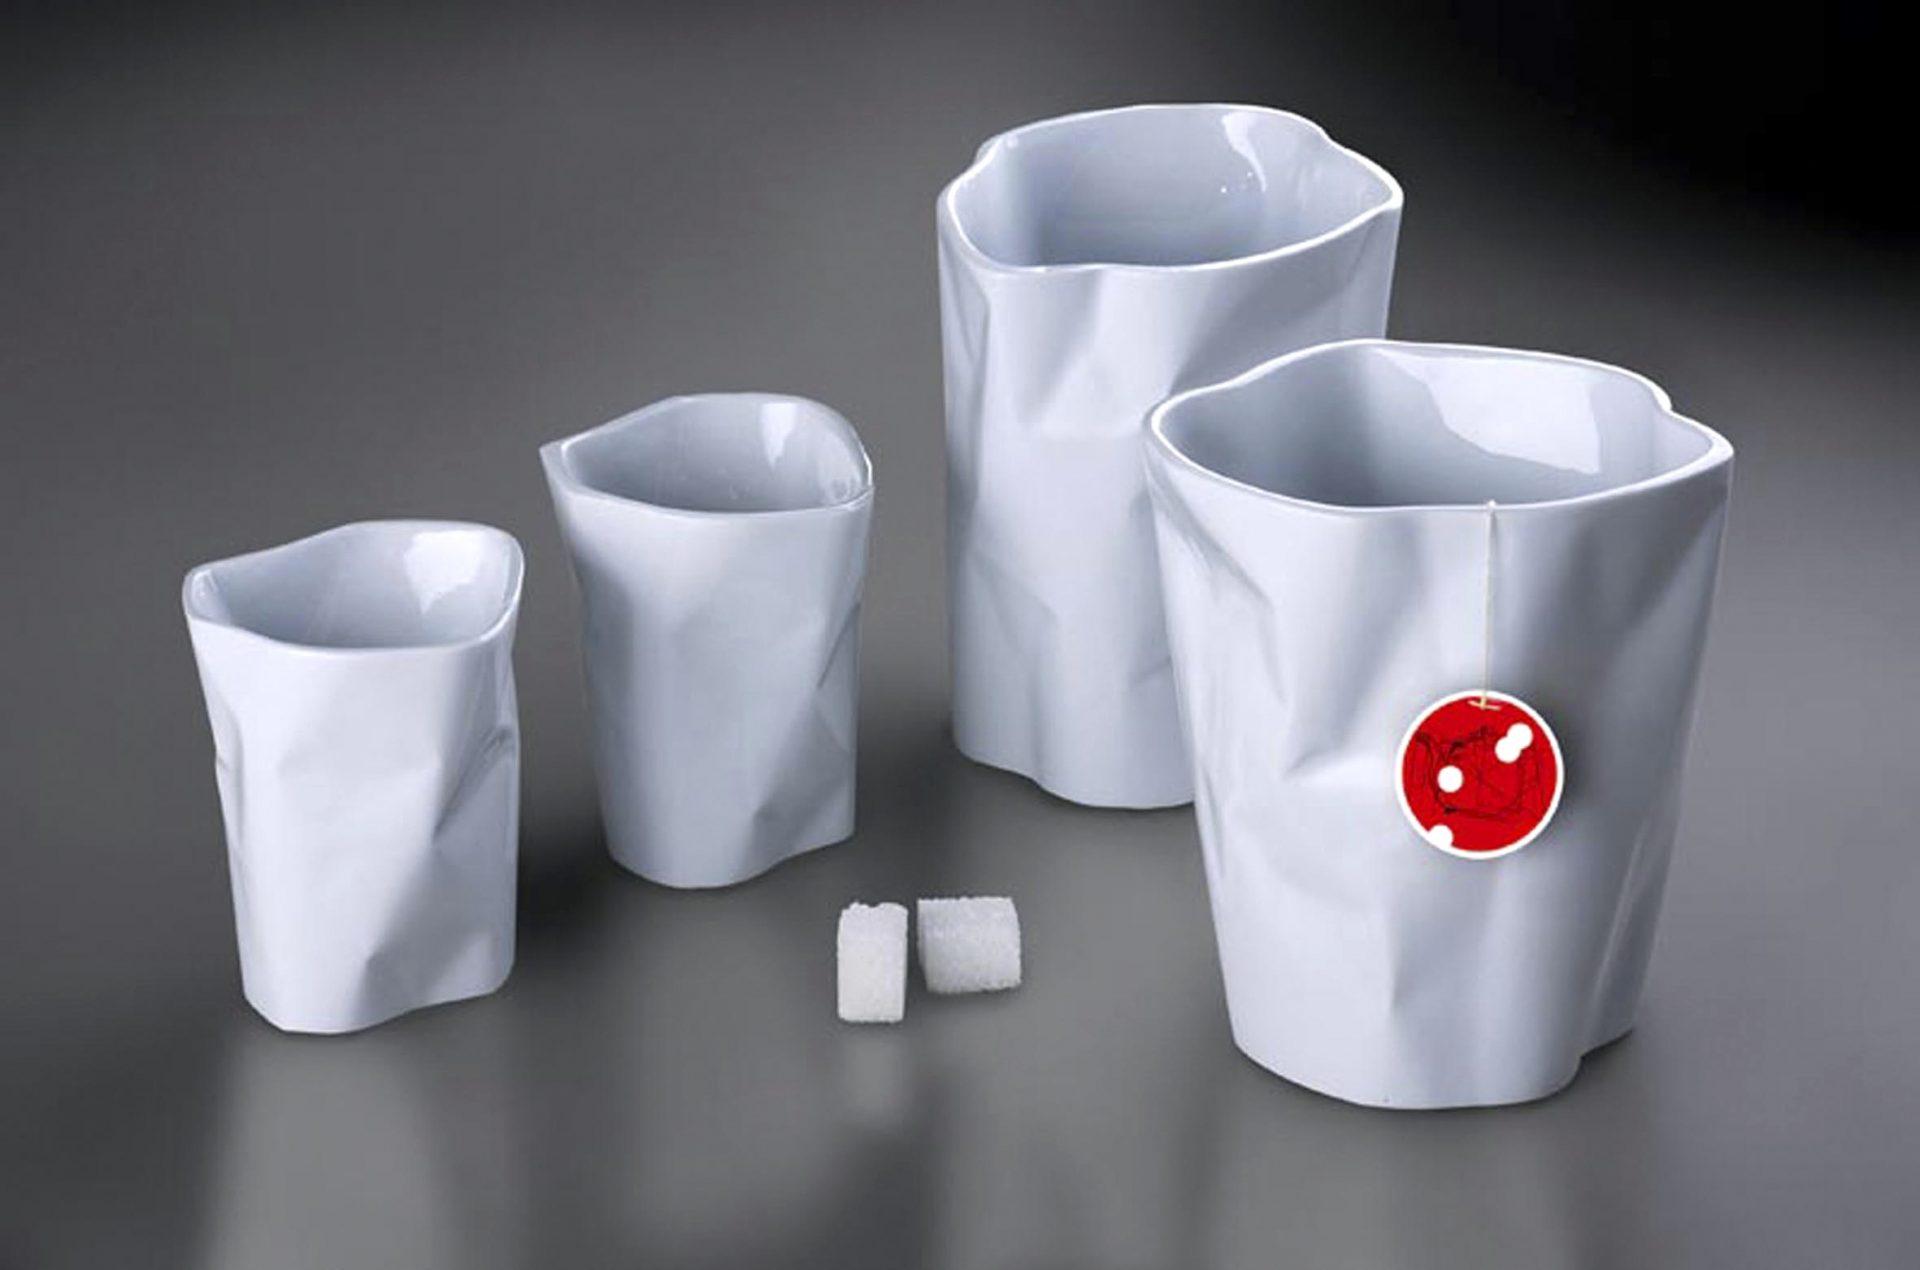 ybent-cups-2006-fot-bill-waltzer